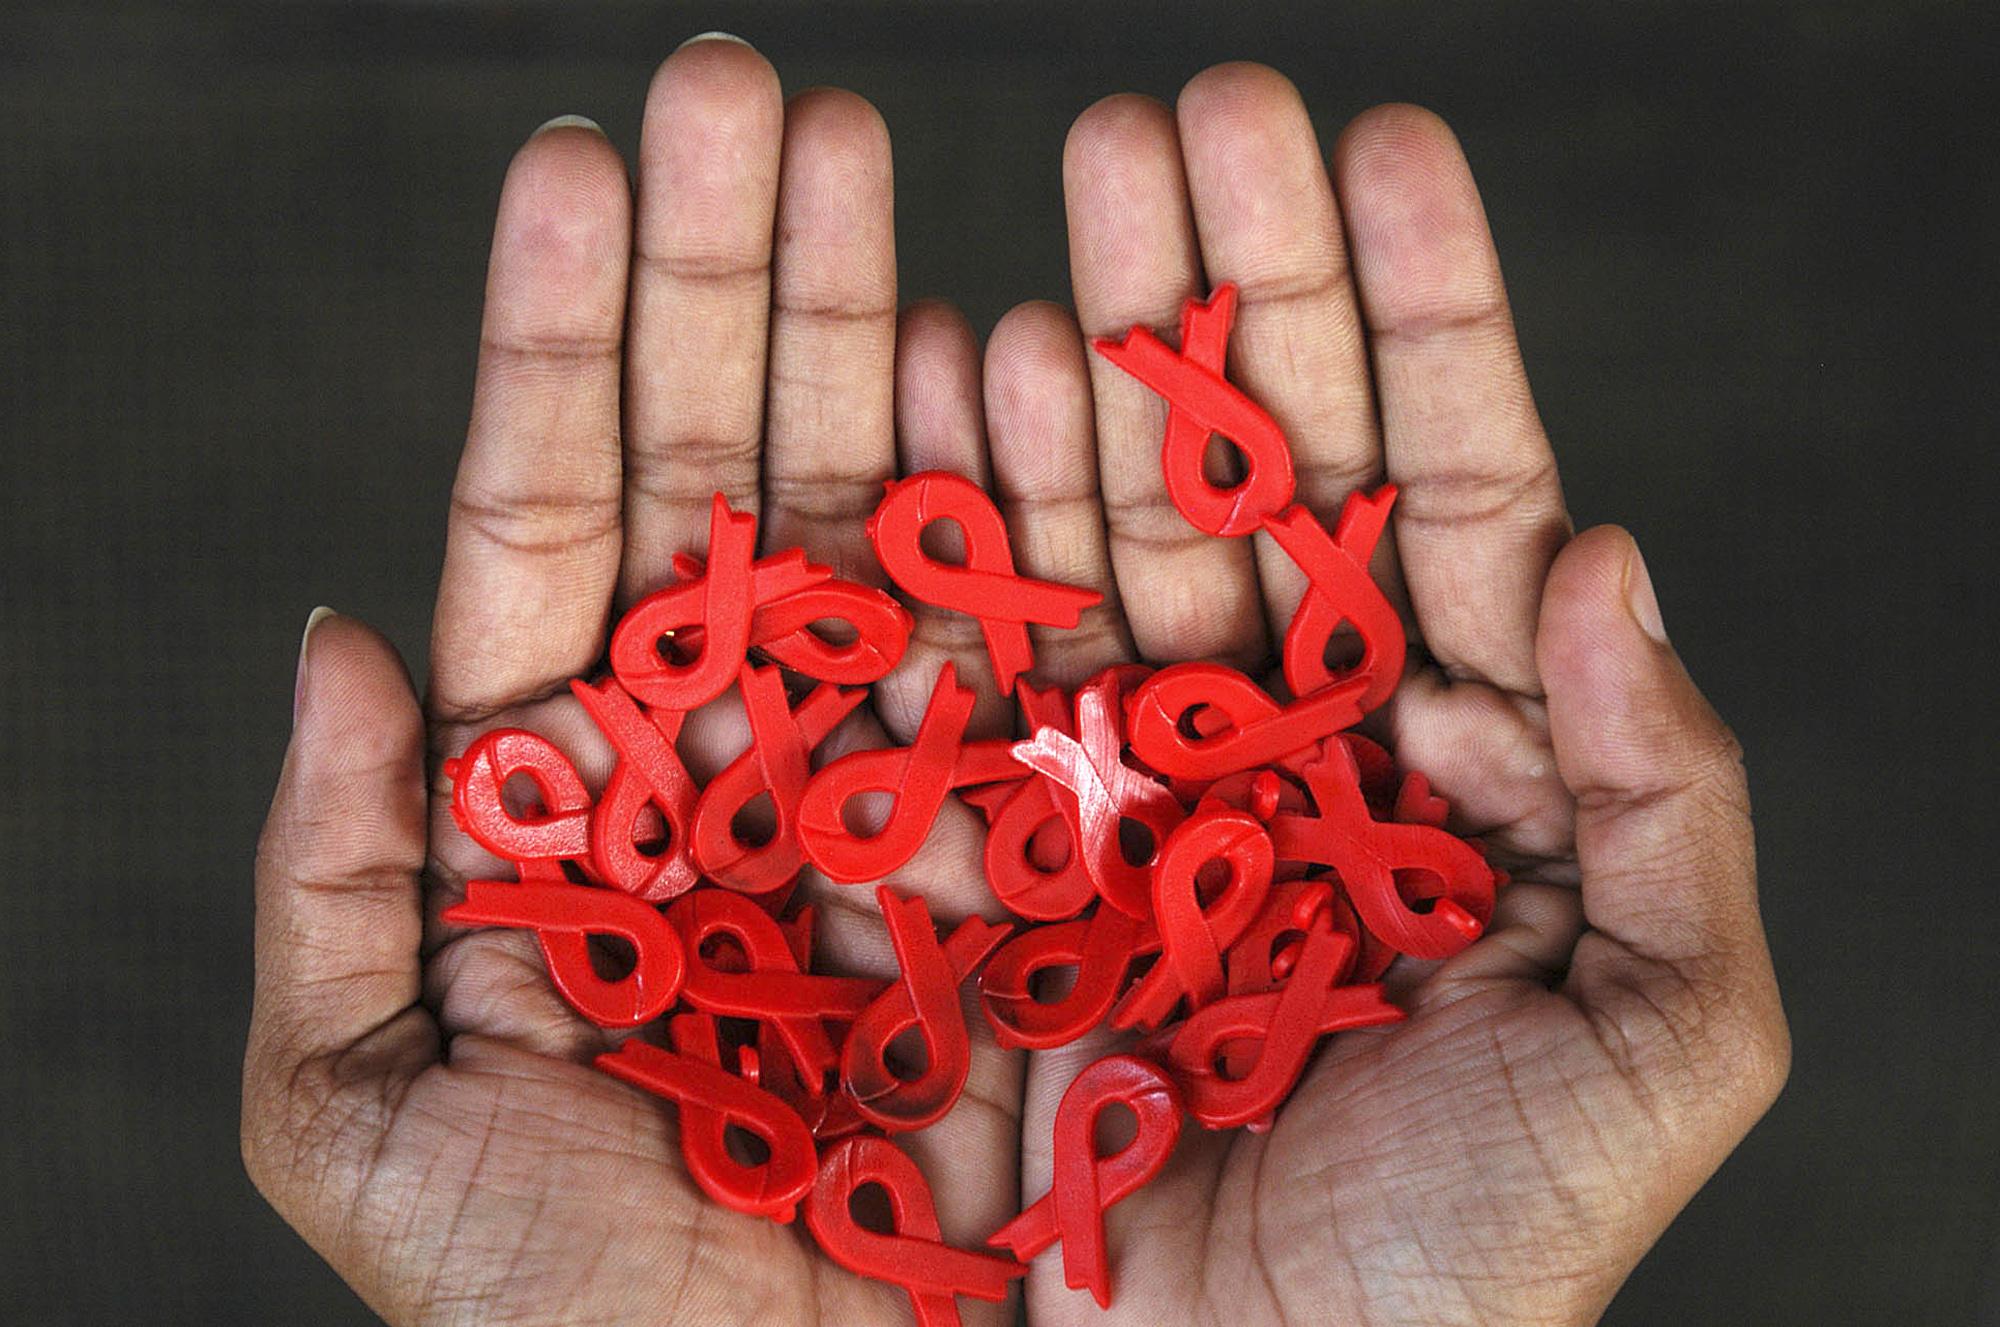 Обнаружена связь между антиретровирусной терапией ВИЧ-инфекции и риском развития инсульта